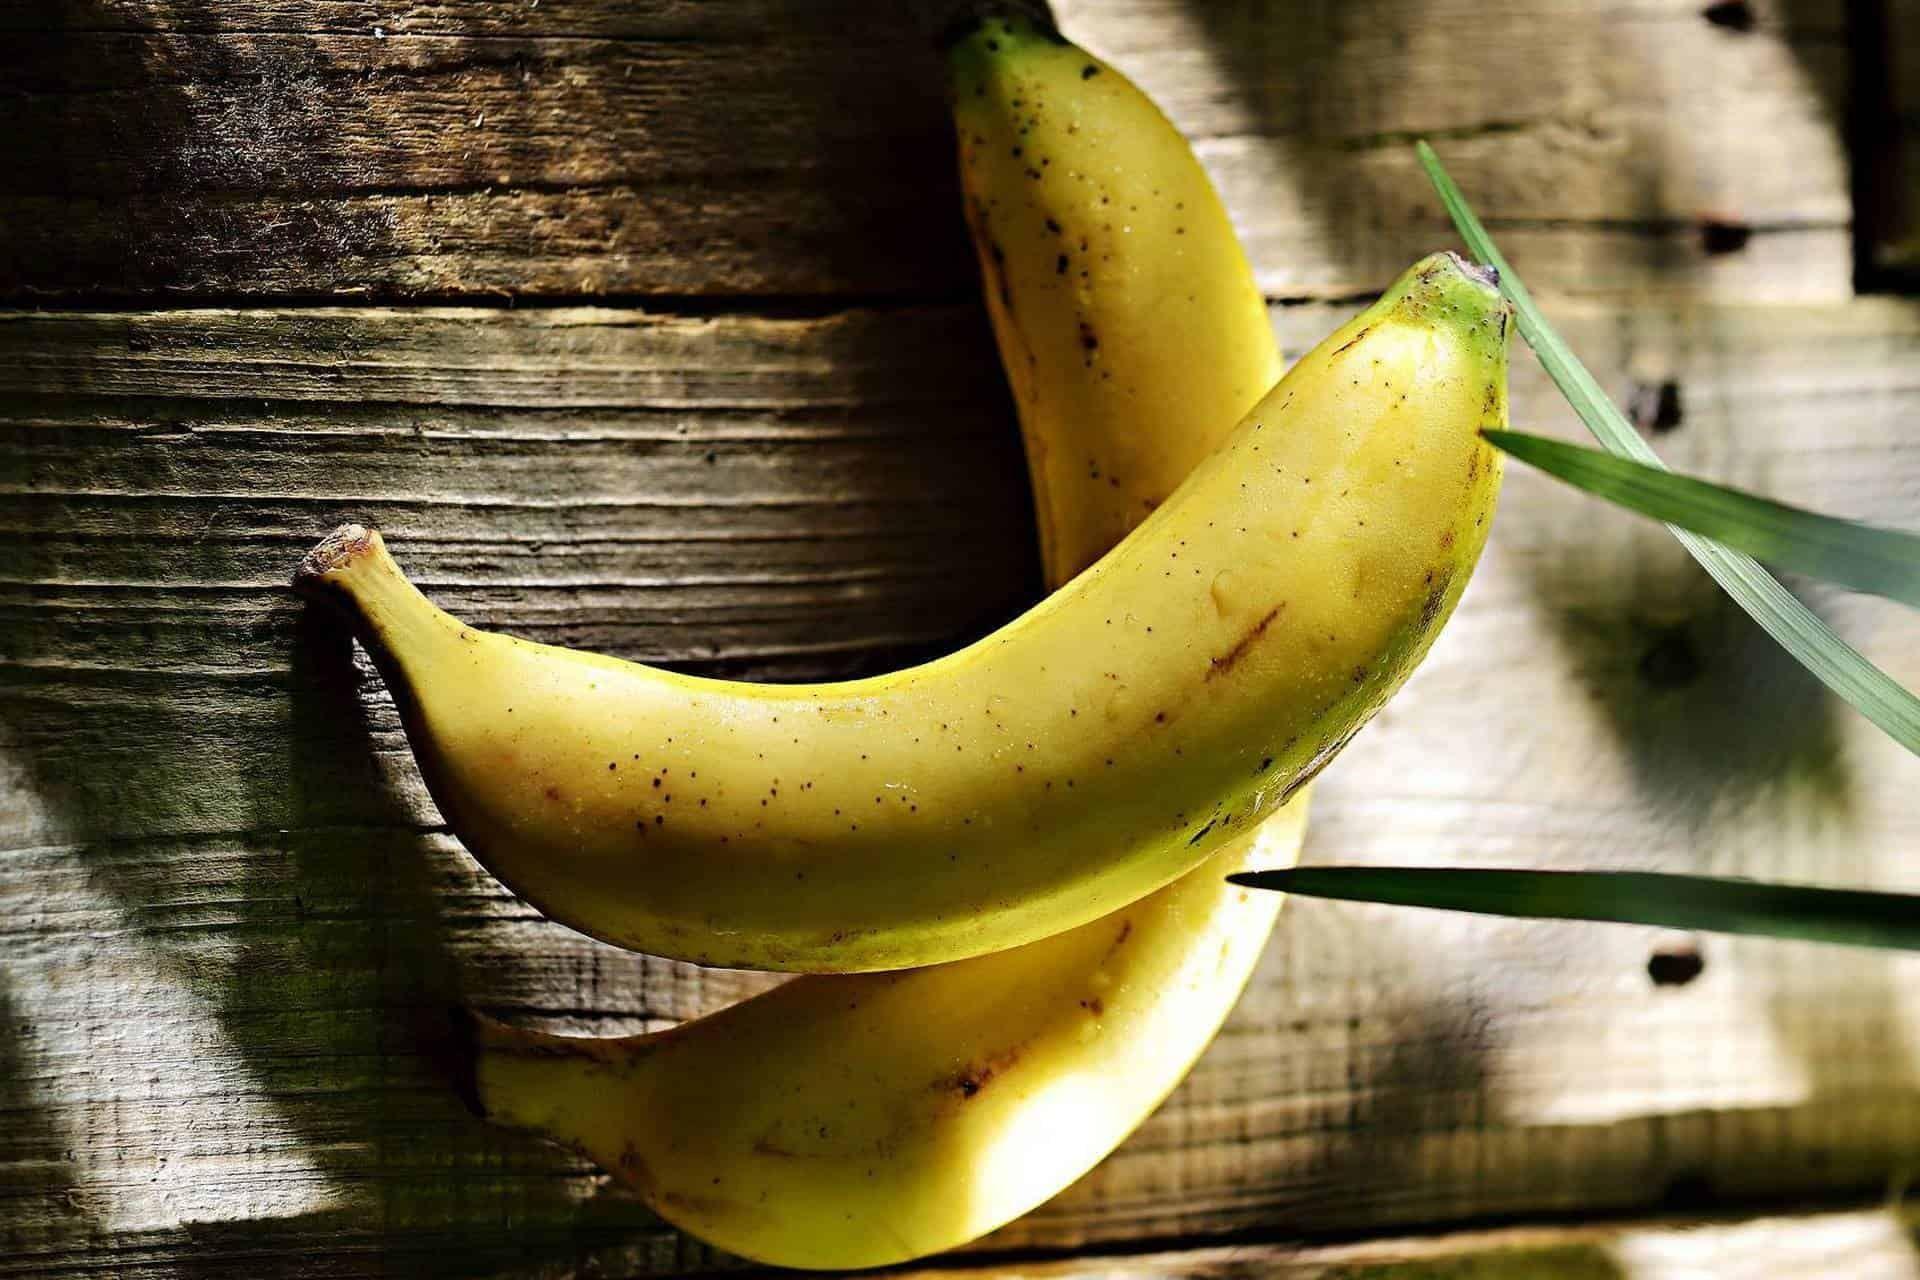 ما تفسير رؤية الموز في المنام للعزباء Banana Banan Fruit